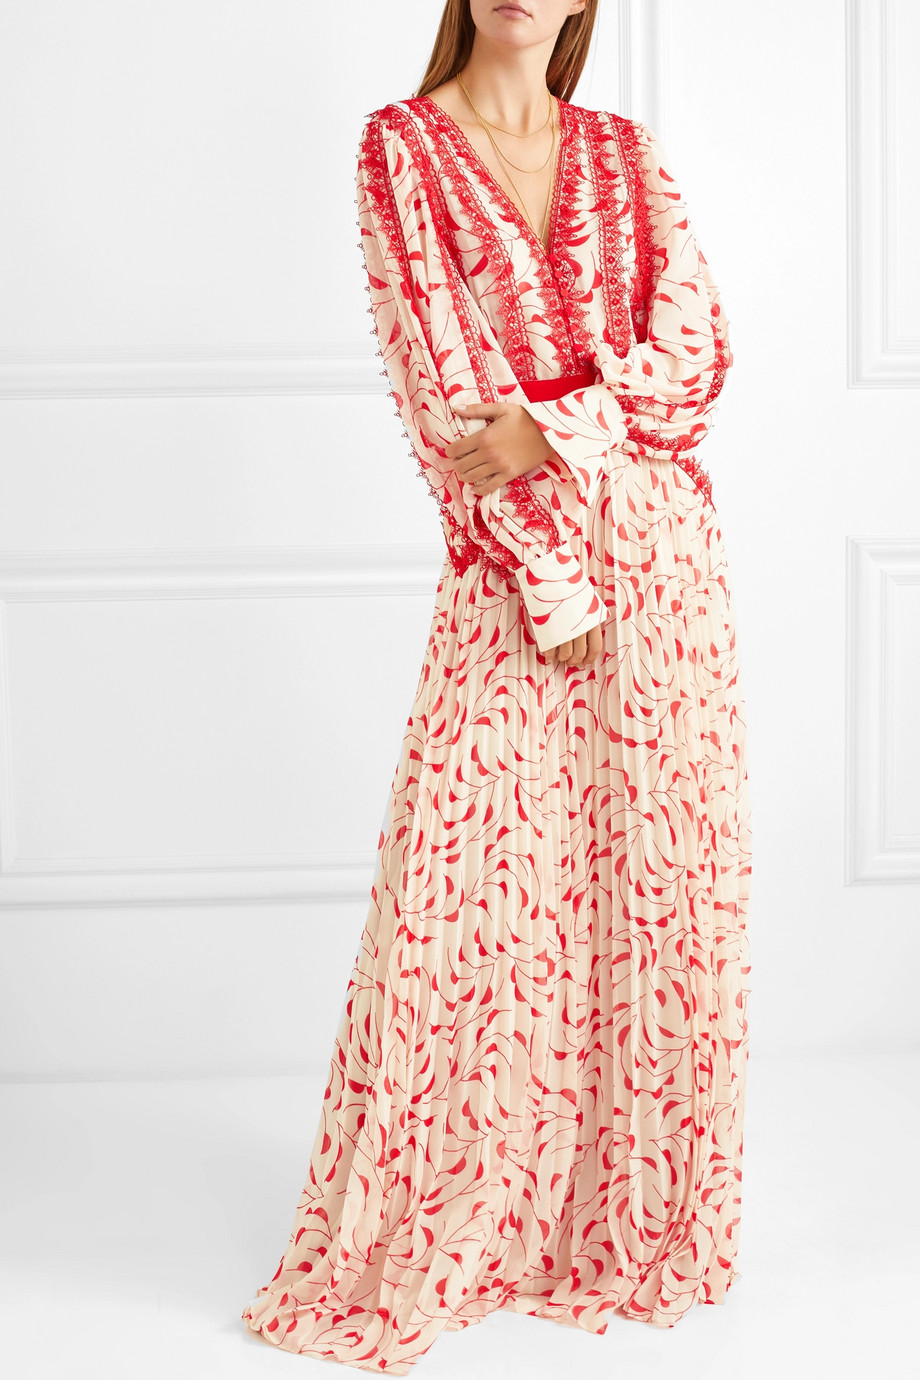 2019 신착 여성 레이스 트리밍 플리츠 프린트 쉬폰 맥시 드레스-에서드레스부터 여성 의류 의  그룹 1